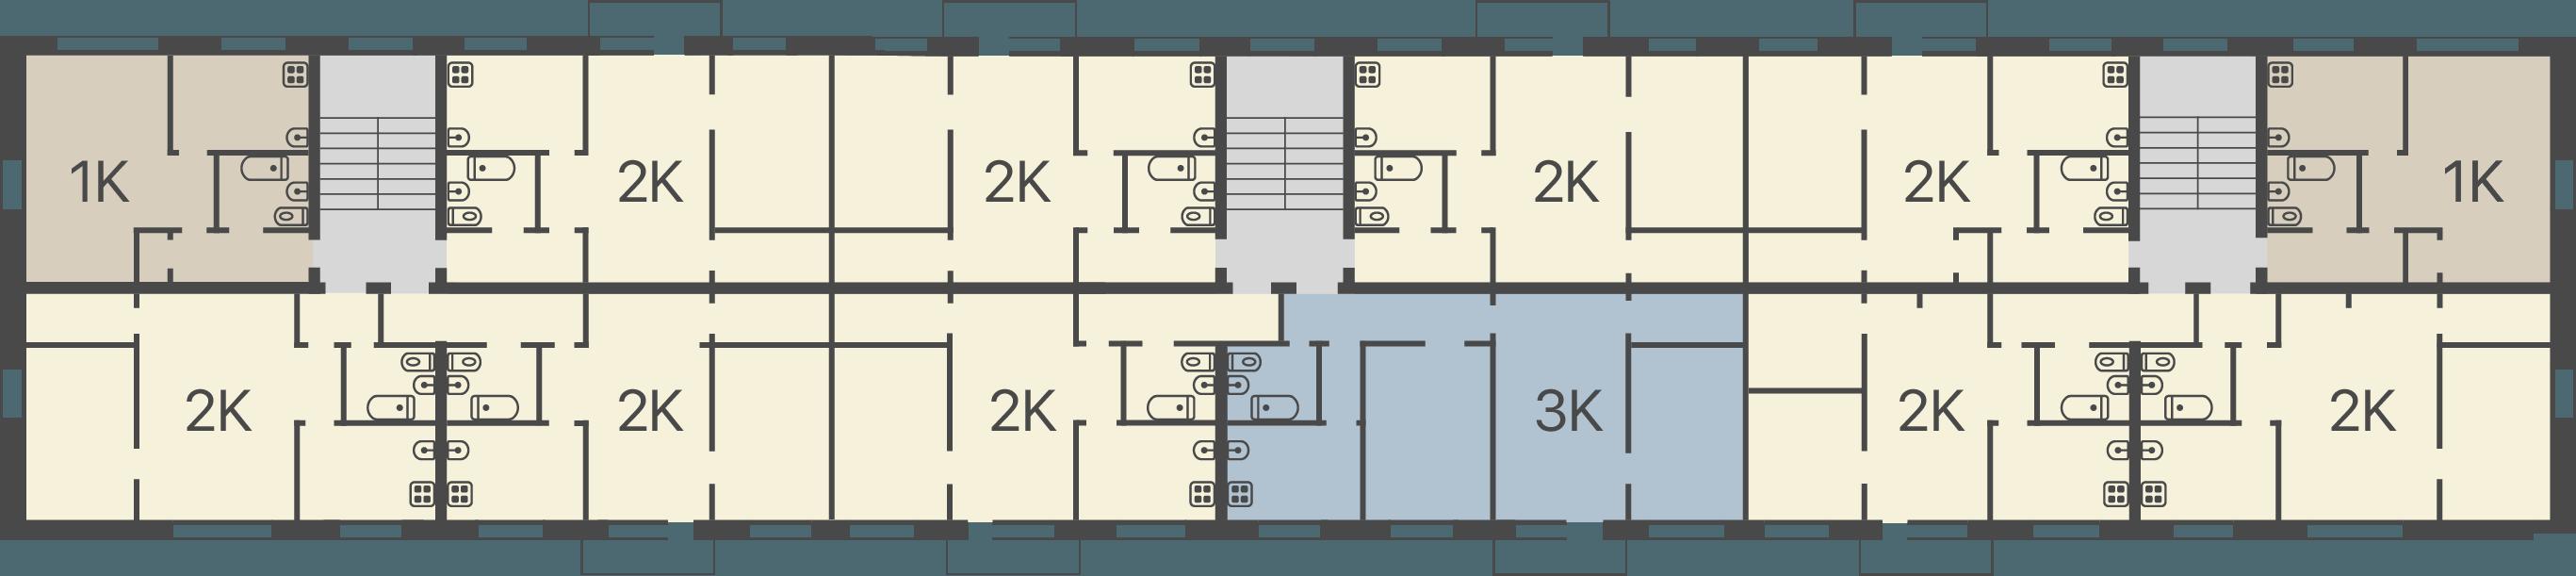 Дизайн «хрущевки» (146 фото): современные идеи - 2020 интерьера однокомнатной квартиры, декор 1-комнатного жилья площадью 30 кв. м